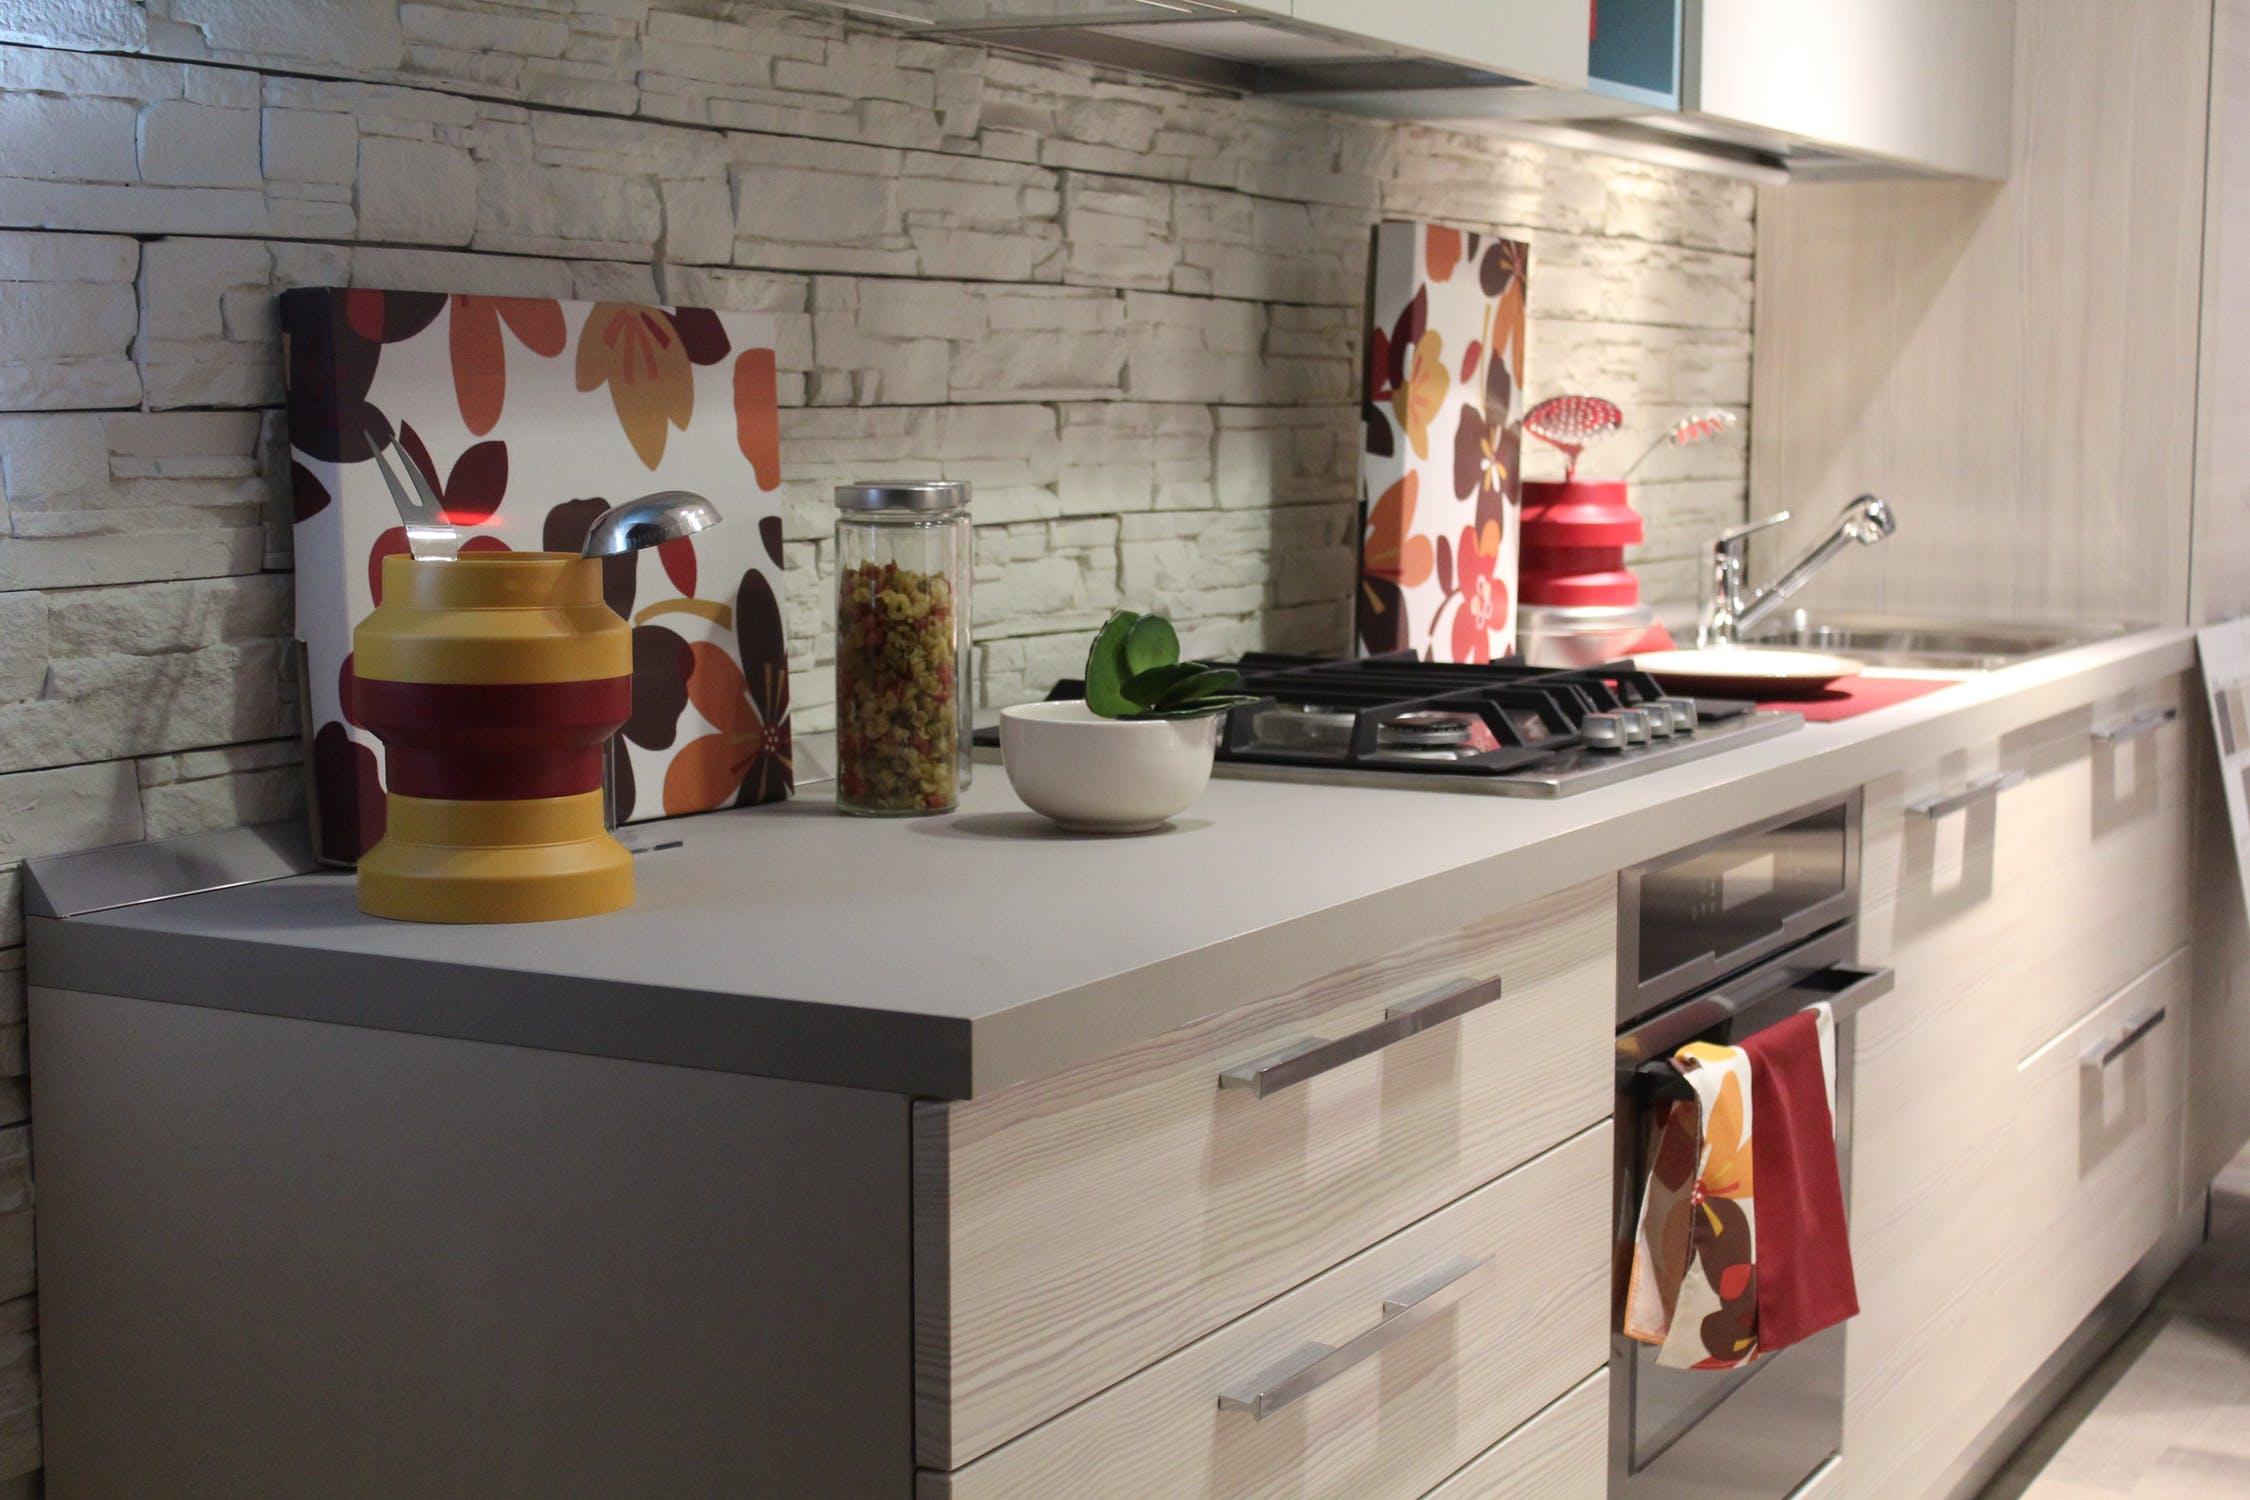 Ikea keukens plaatsen onderhoudsbedrijf lionar den haag.